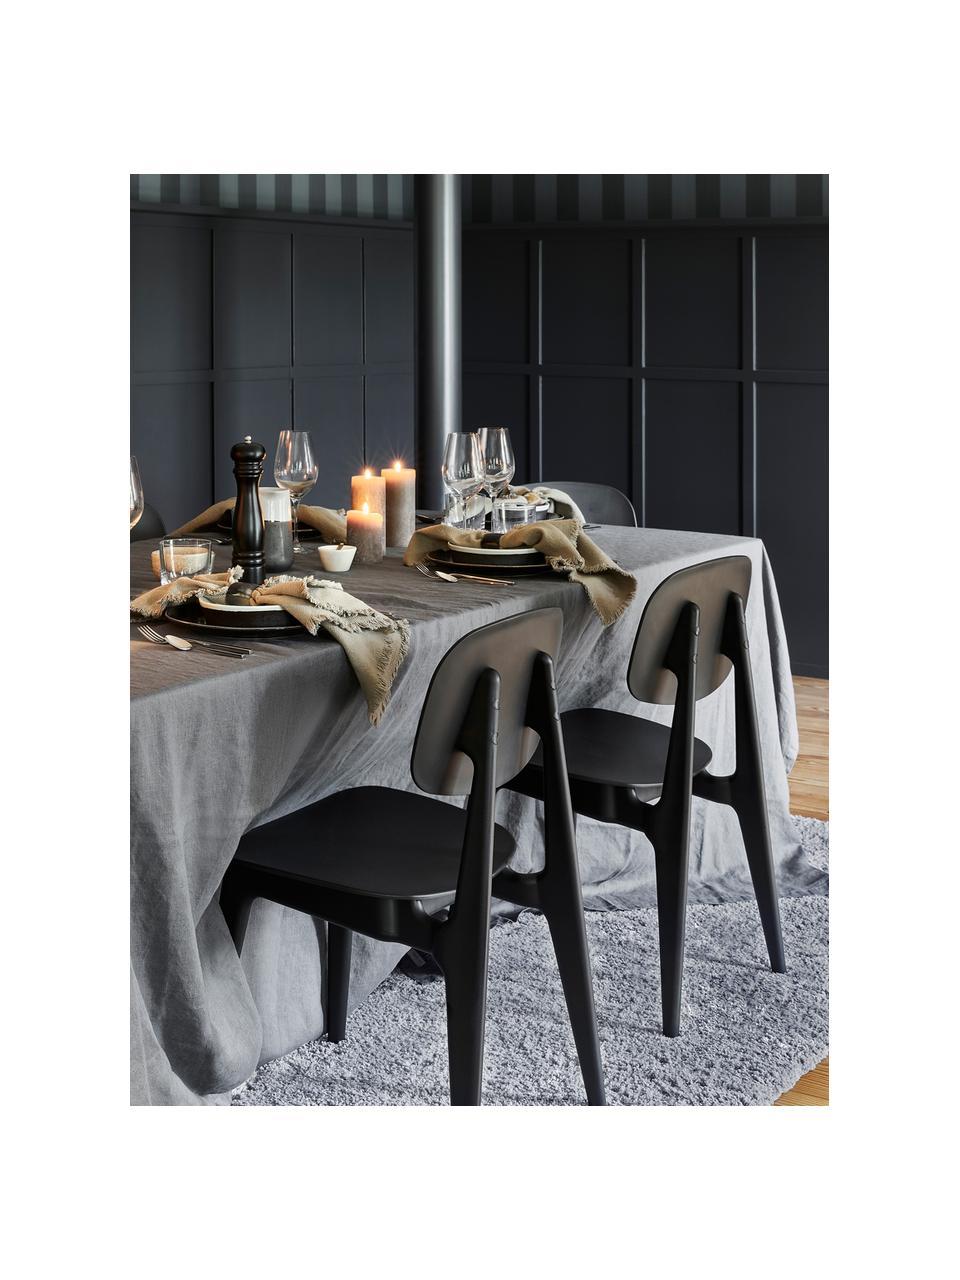 Kunststoffen stoelen Smilla, 2 stuks, Zitvlak: kunststof, Poten: gepoedercoat metaal, Mat zwart, B 43 x D 49 cm